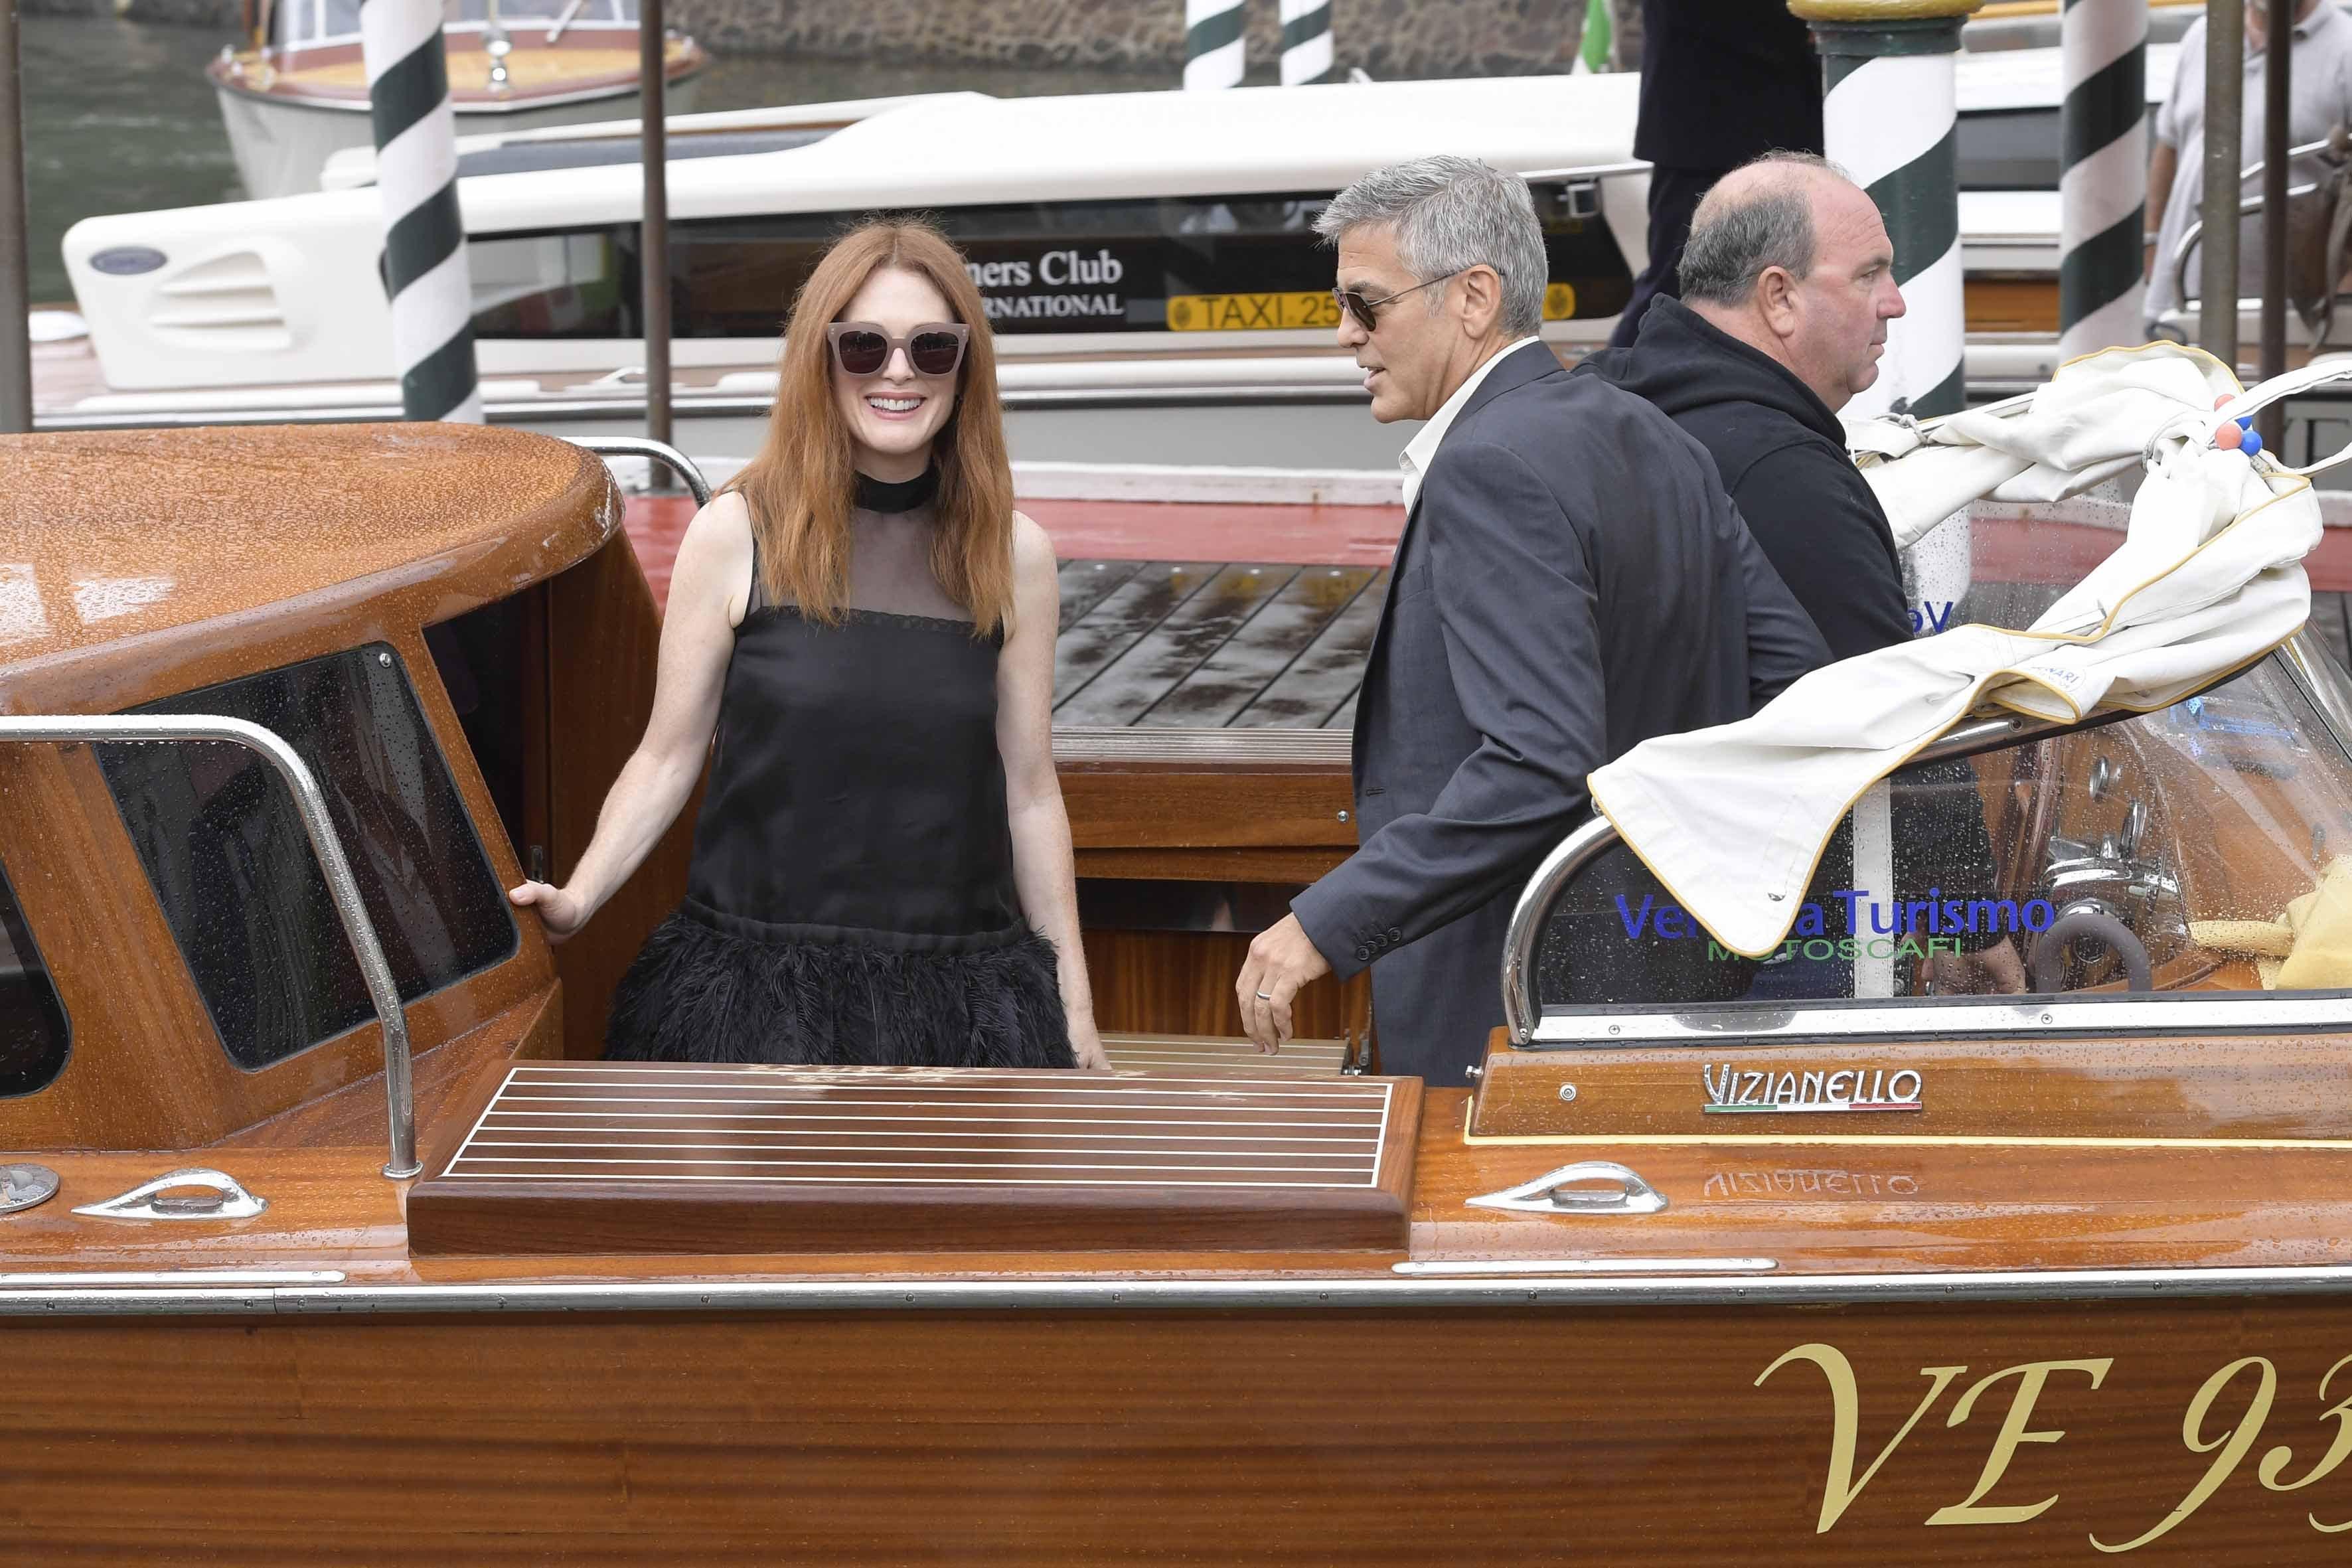 01/09/2017 Venezia spettacolo Arrivo alla darsena dell'Hotel Excelsior al Lido di Vnezia di George Clooney e Julianne Moore. Nella foto: George Clooney, Julianne Moore, Image: 347961528, License: Rights-managed, Restrictions: , Model Release: no, Credit line: Profimedia, LaPresse